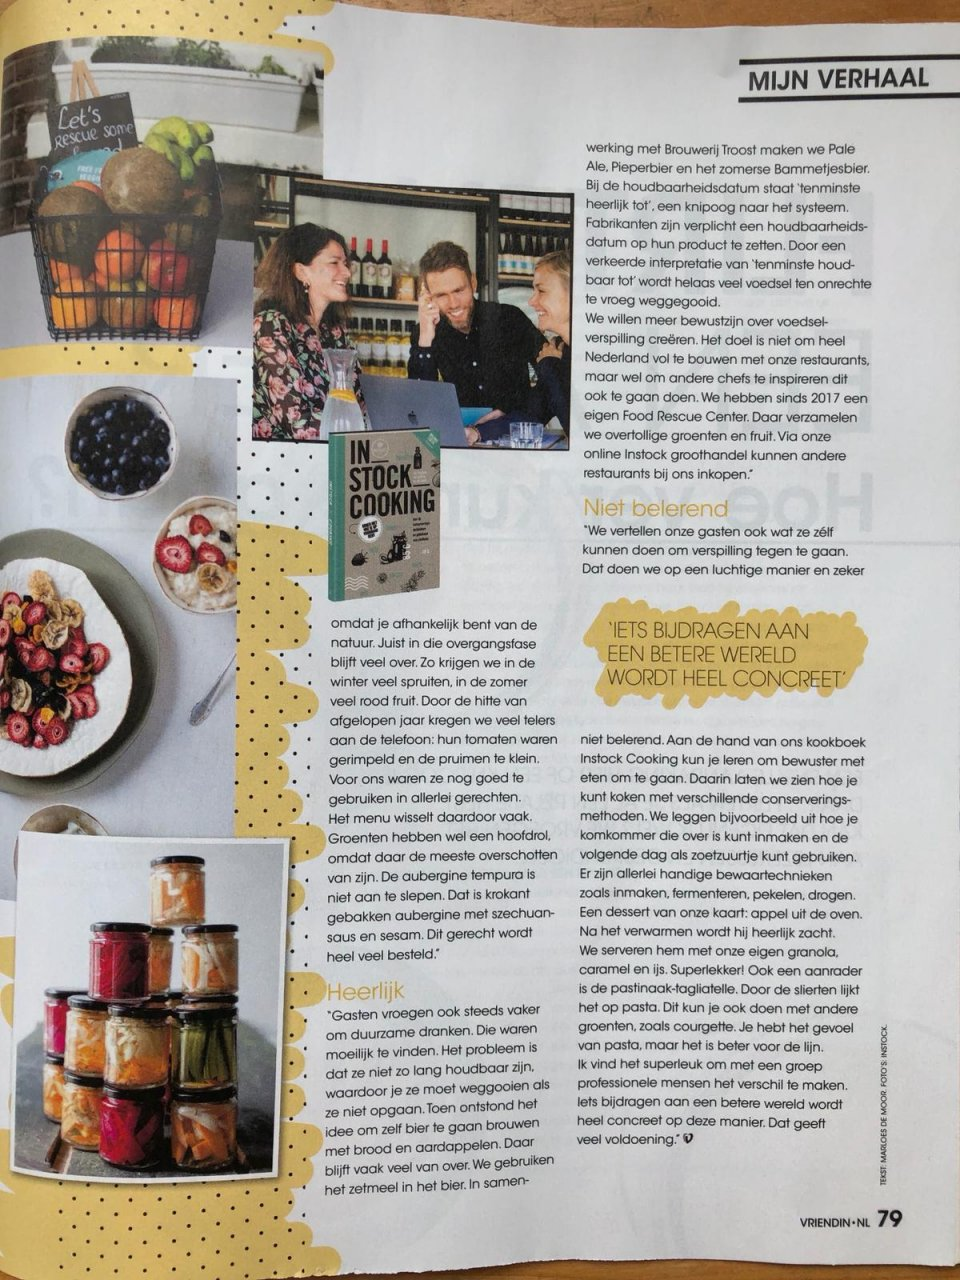 Pagina in de Vriendin waarin Selma vertelt over de heerlijke gerechten van Instock en wat je zelf kunt doen om voedselverspilling tegen te gaan.